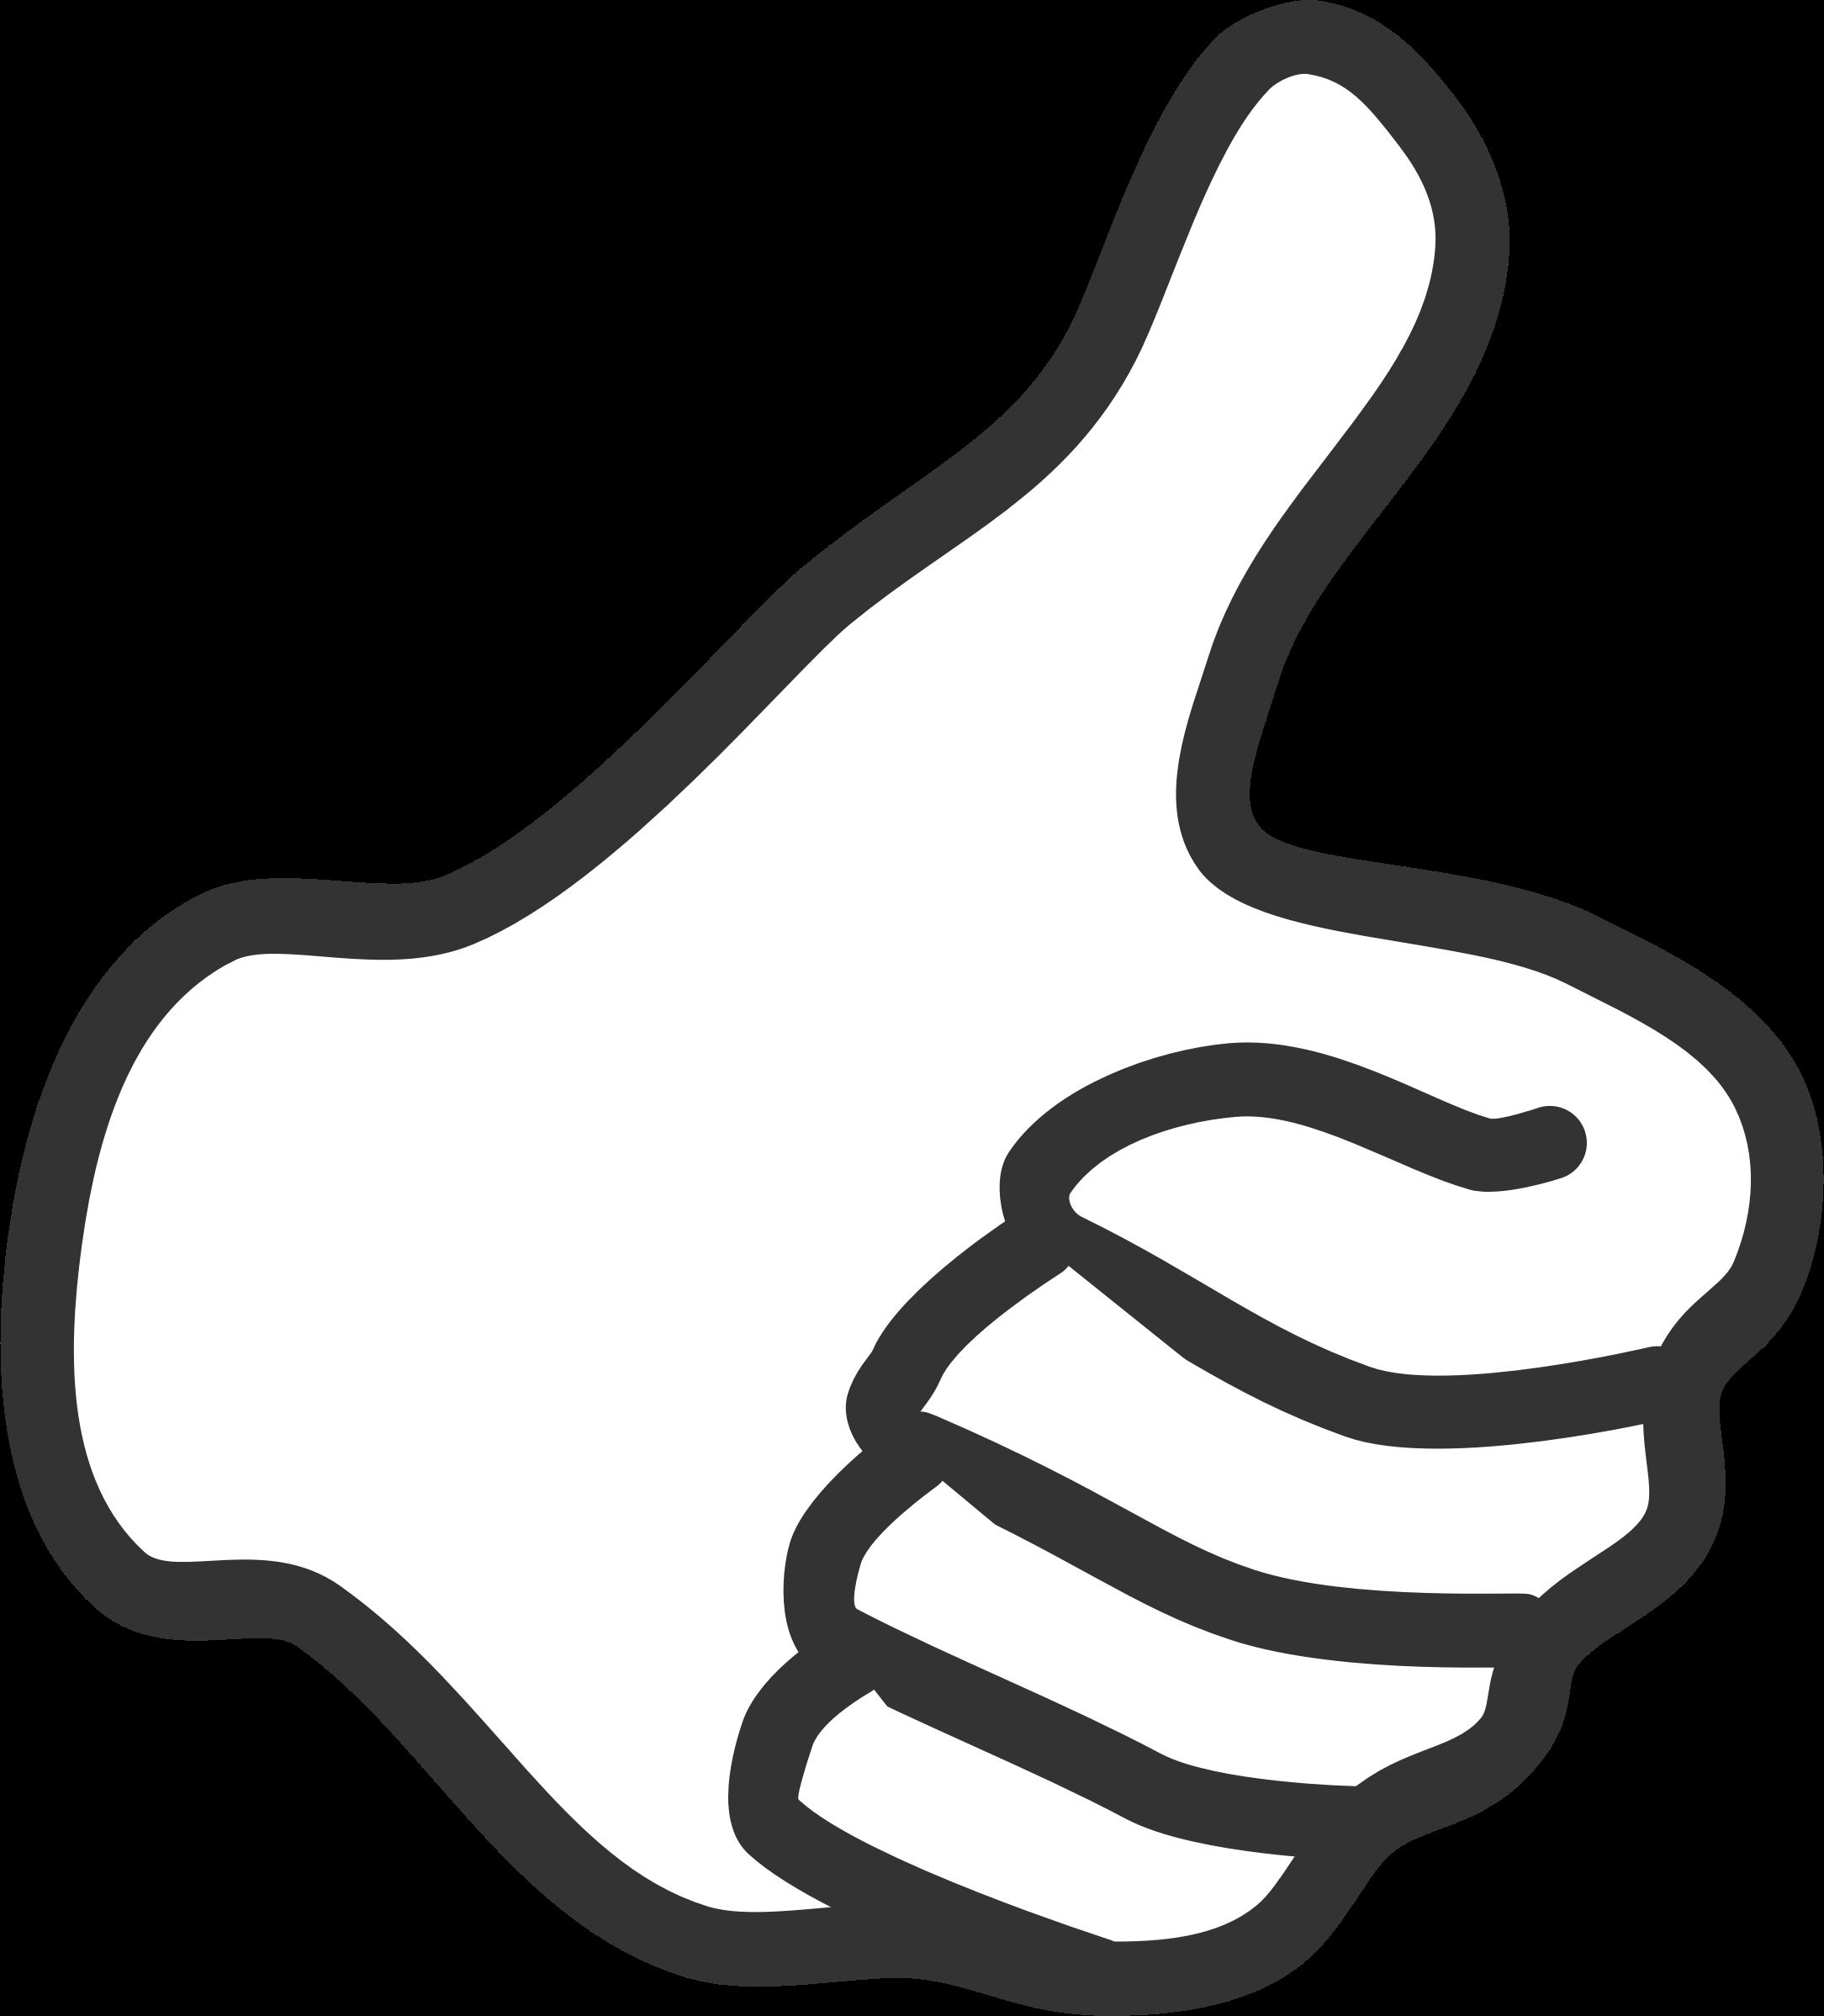 Большой палец вверх картинка для презентации